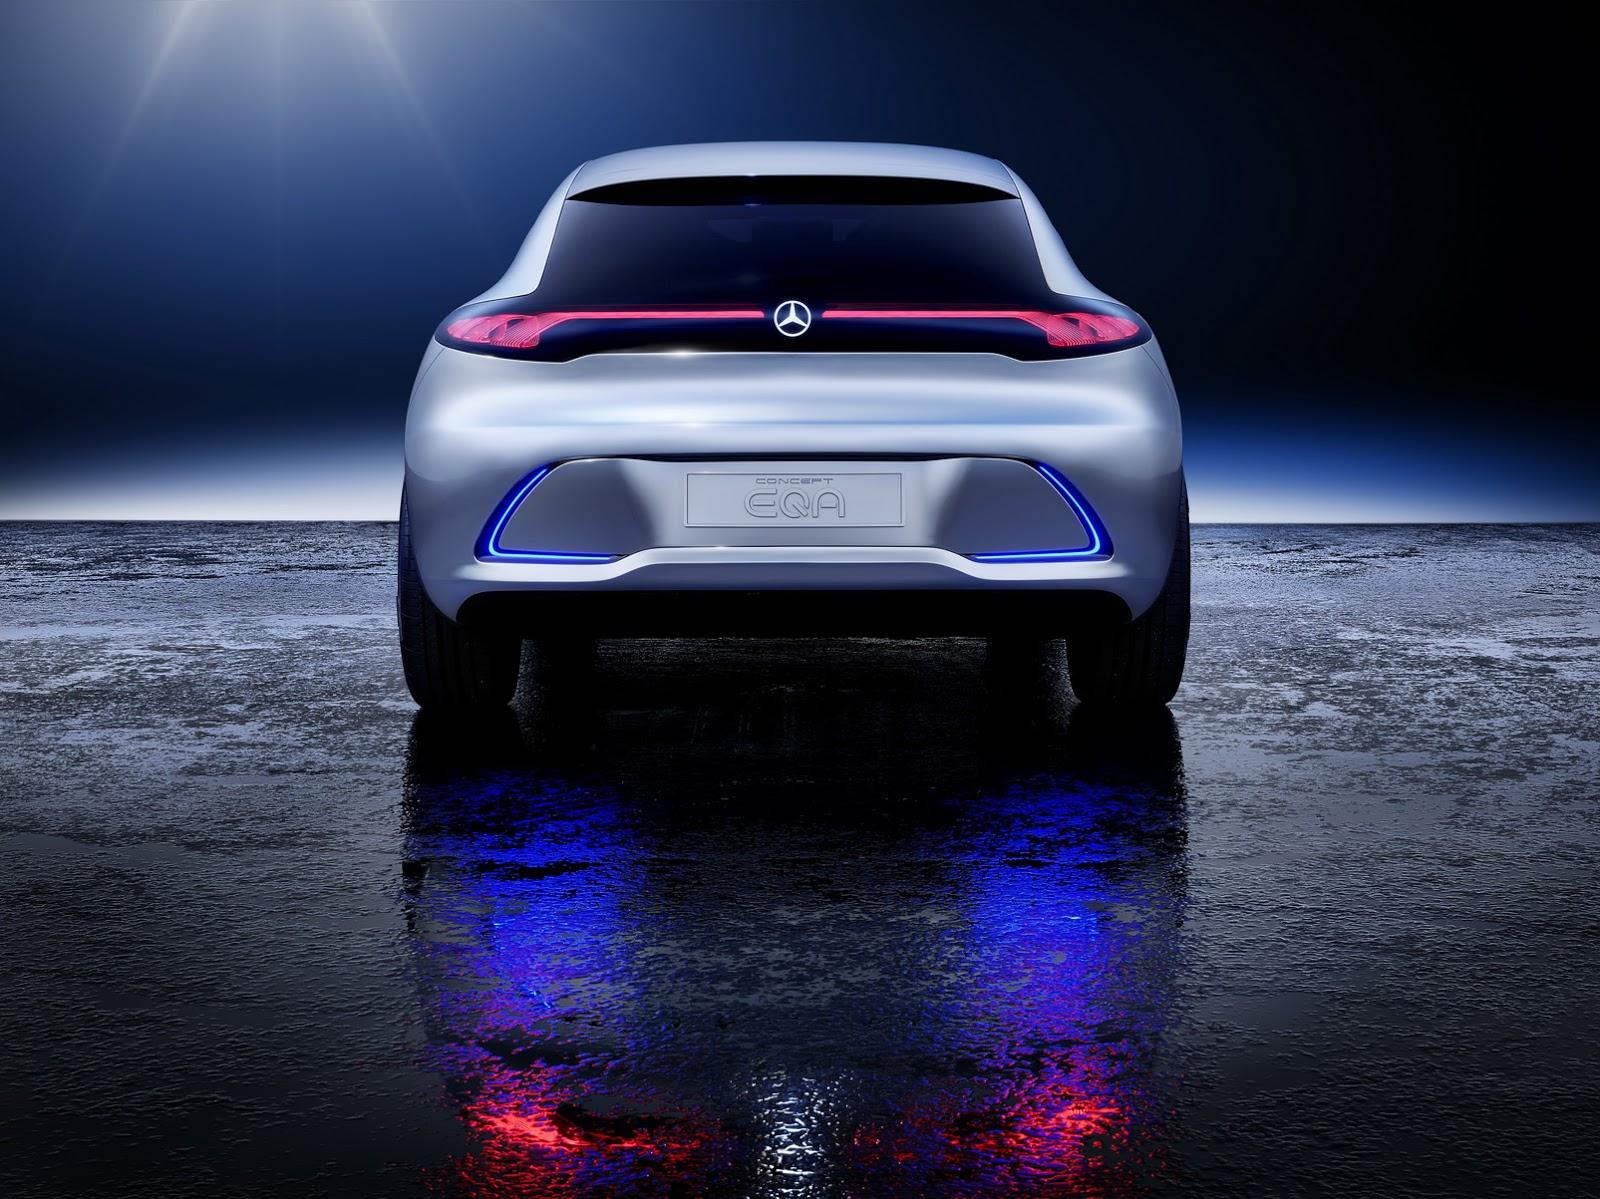 mercedes-eqa-concept-unveiled-14